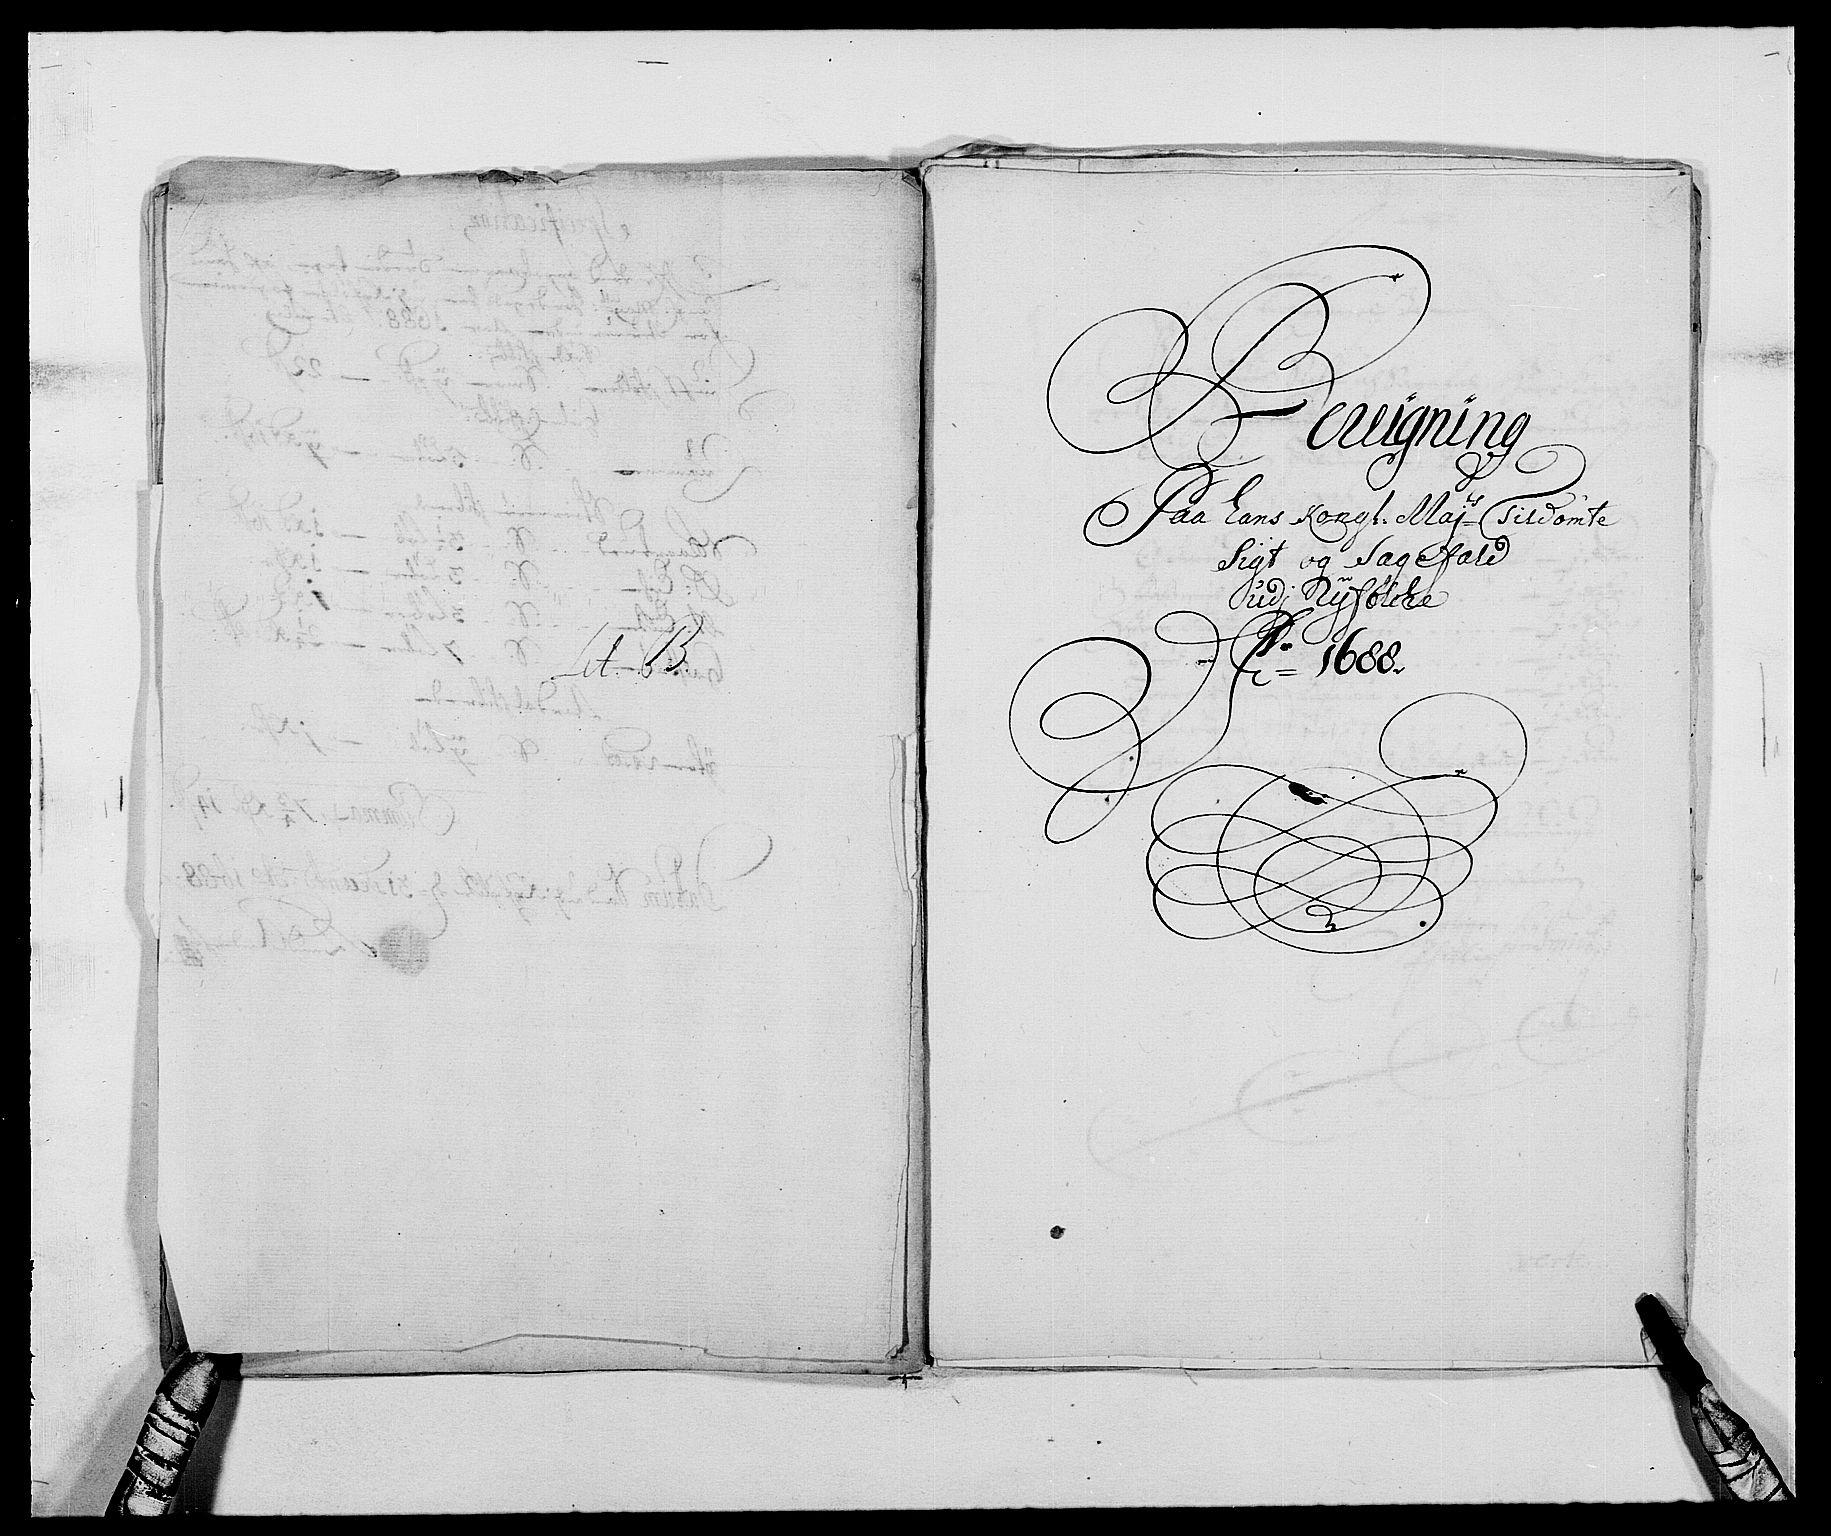 RA, Rentekammeret inntil 1814, Reviderte regnskaper, Fogderegnskap, R47/L2855: Fogderegnskap Ryfylke, 1685-1688, s. 339